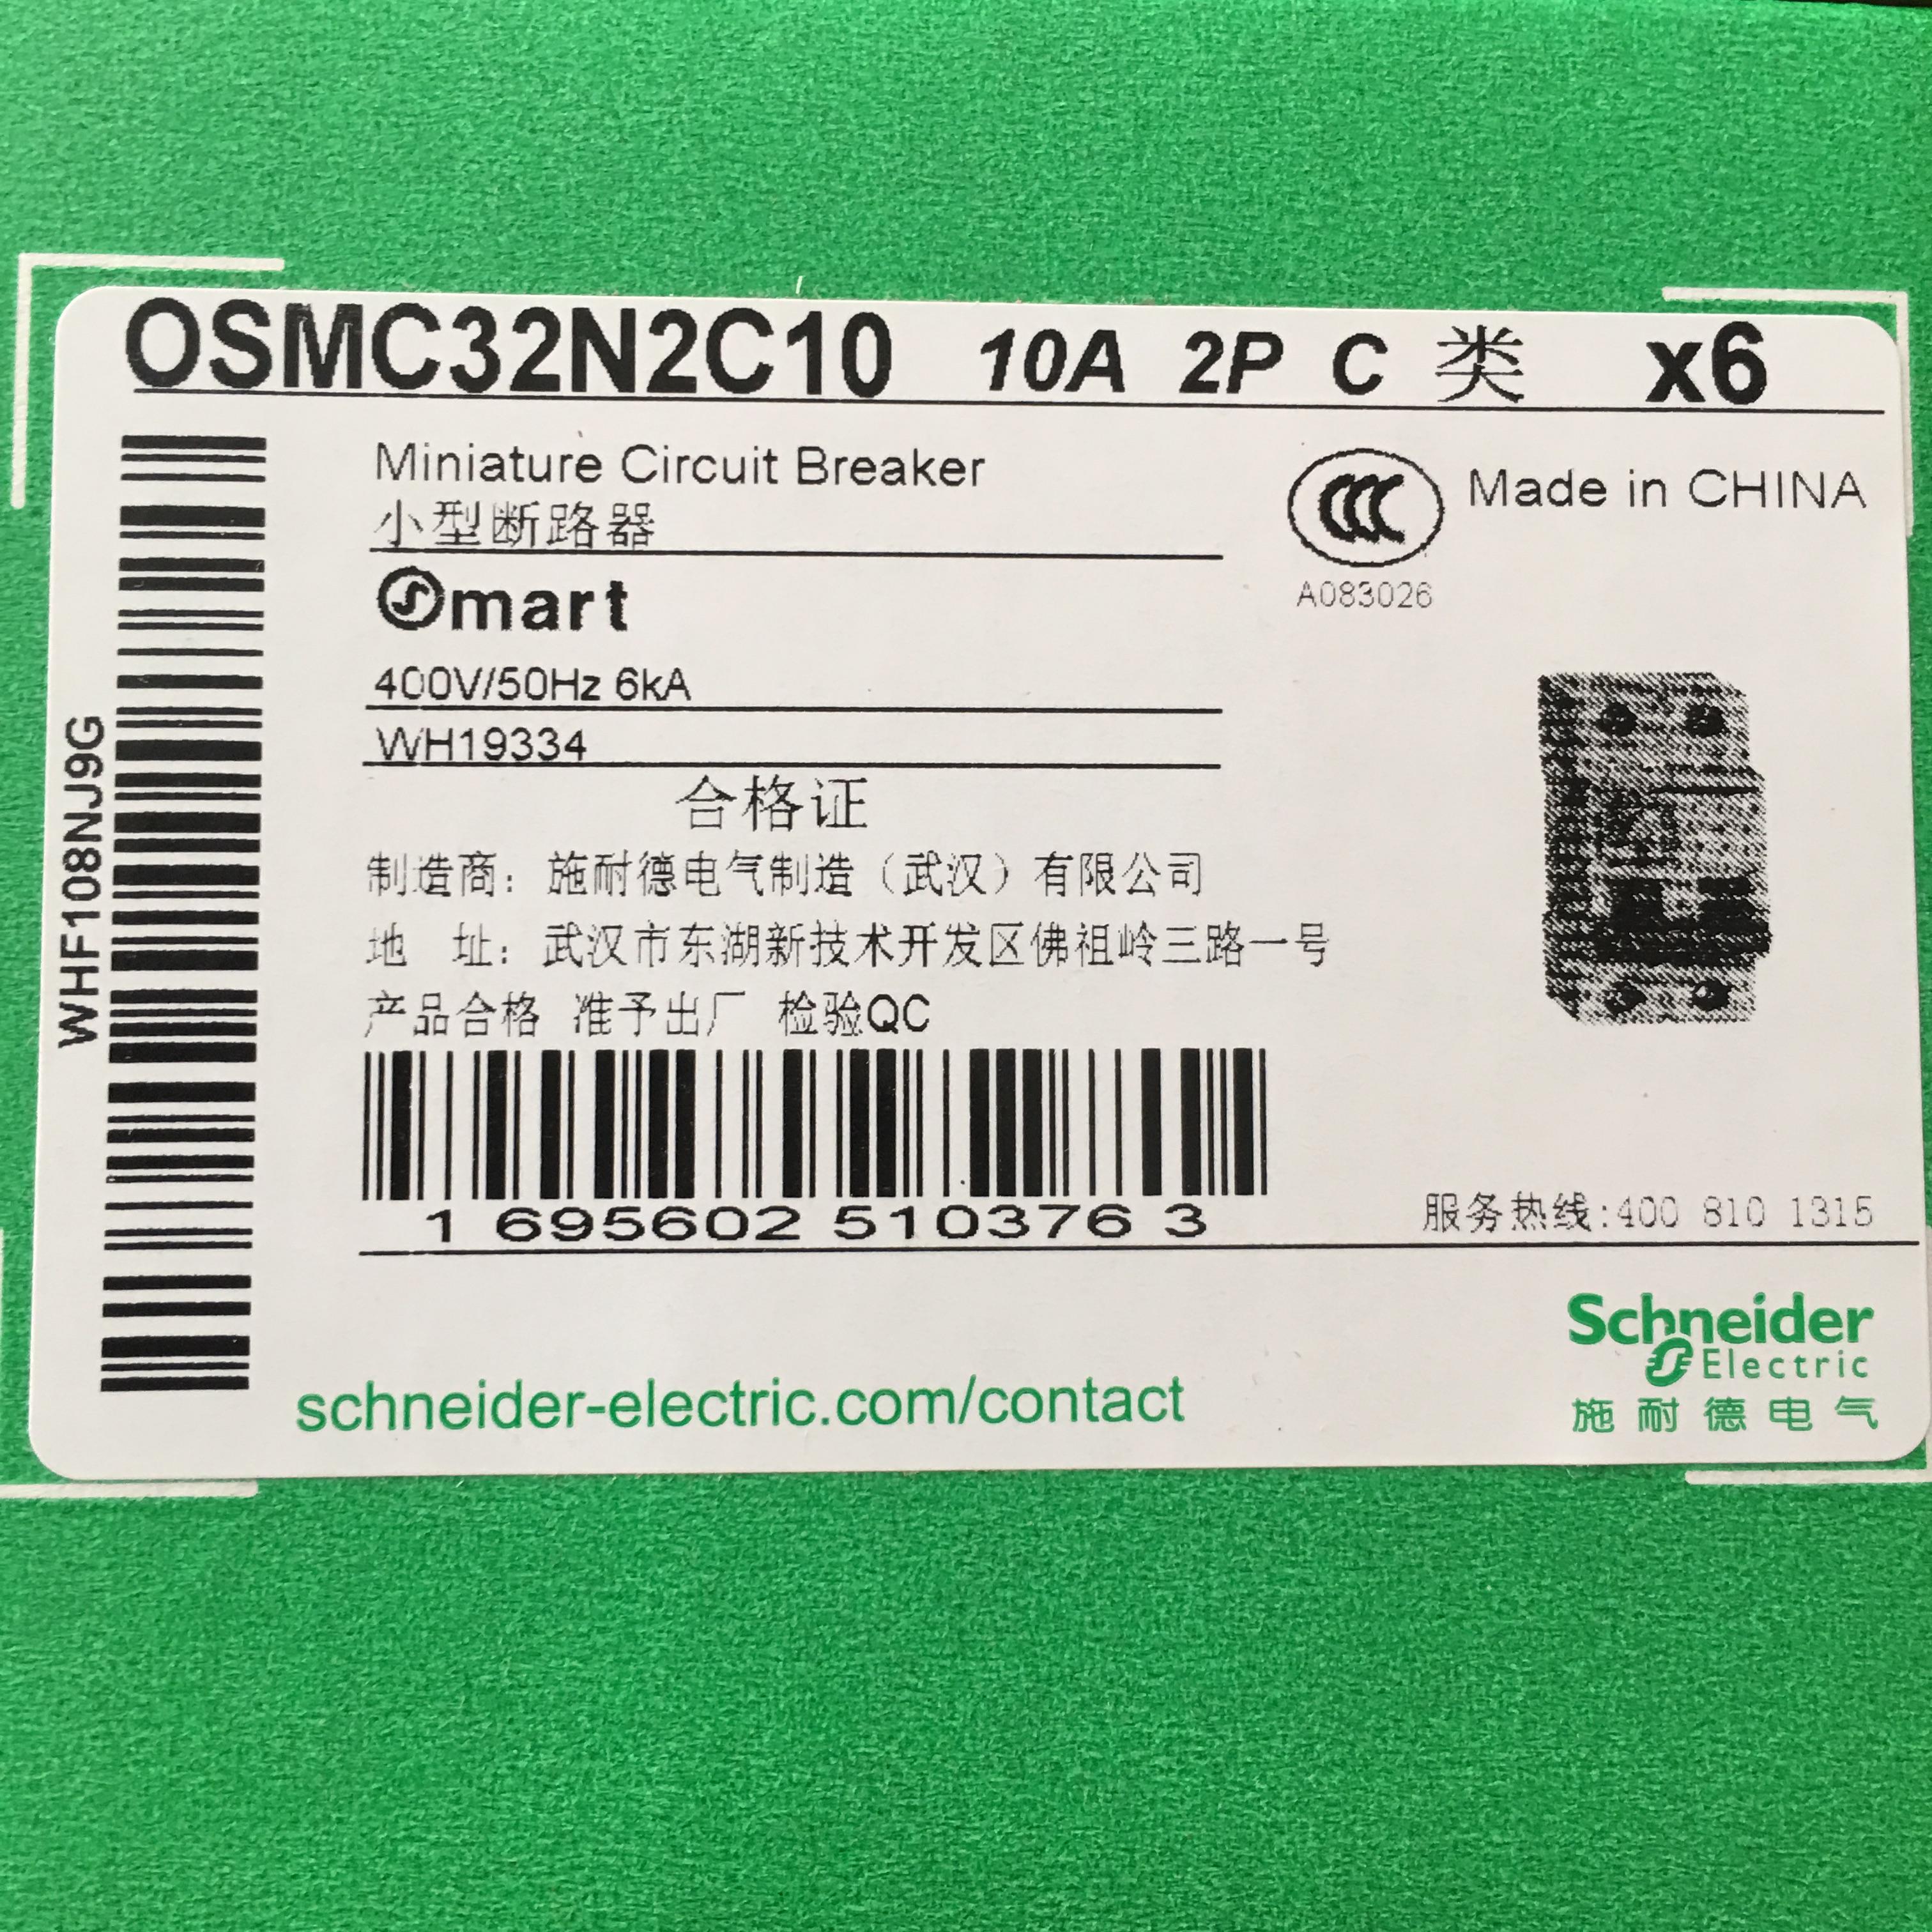 施耐德微型断路器OSMC32N2C10